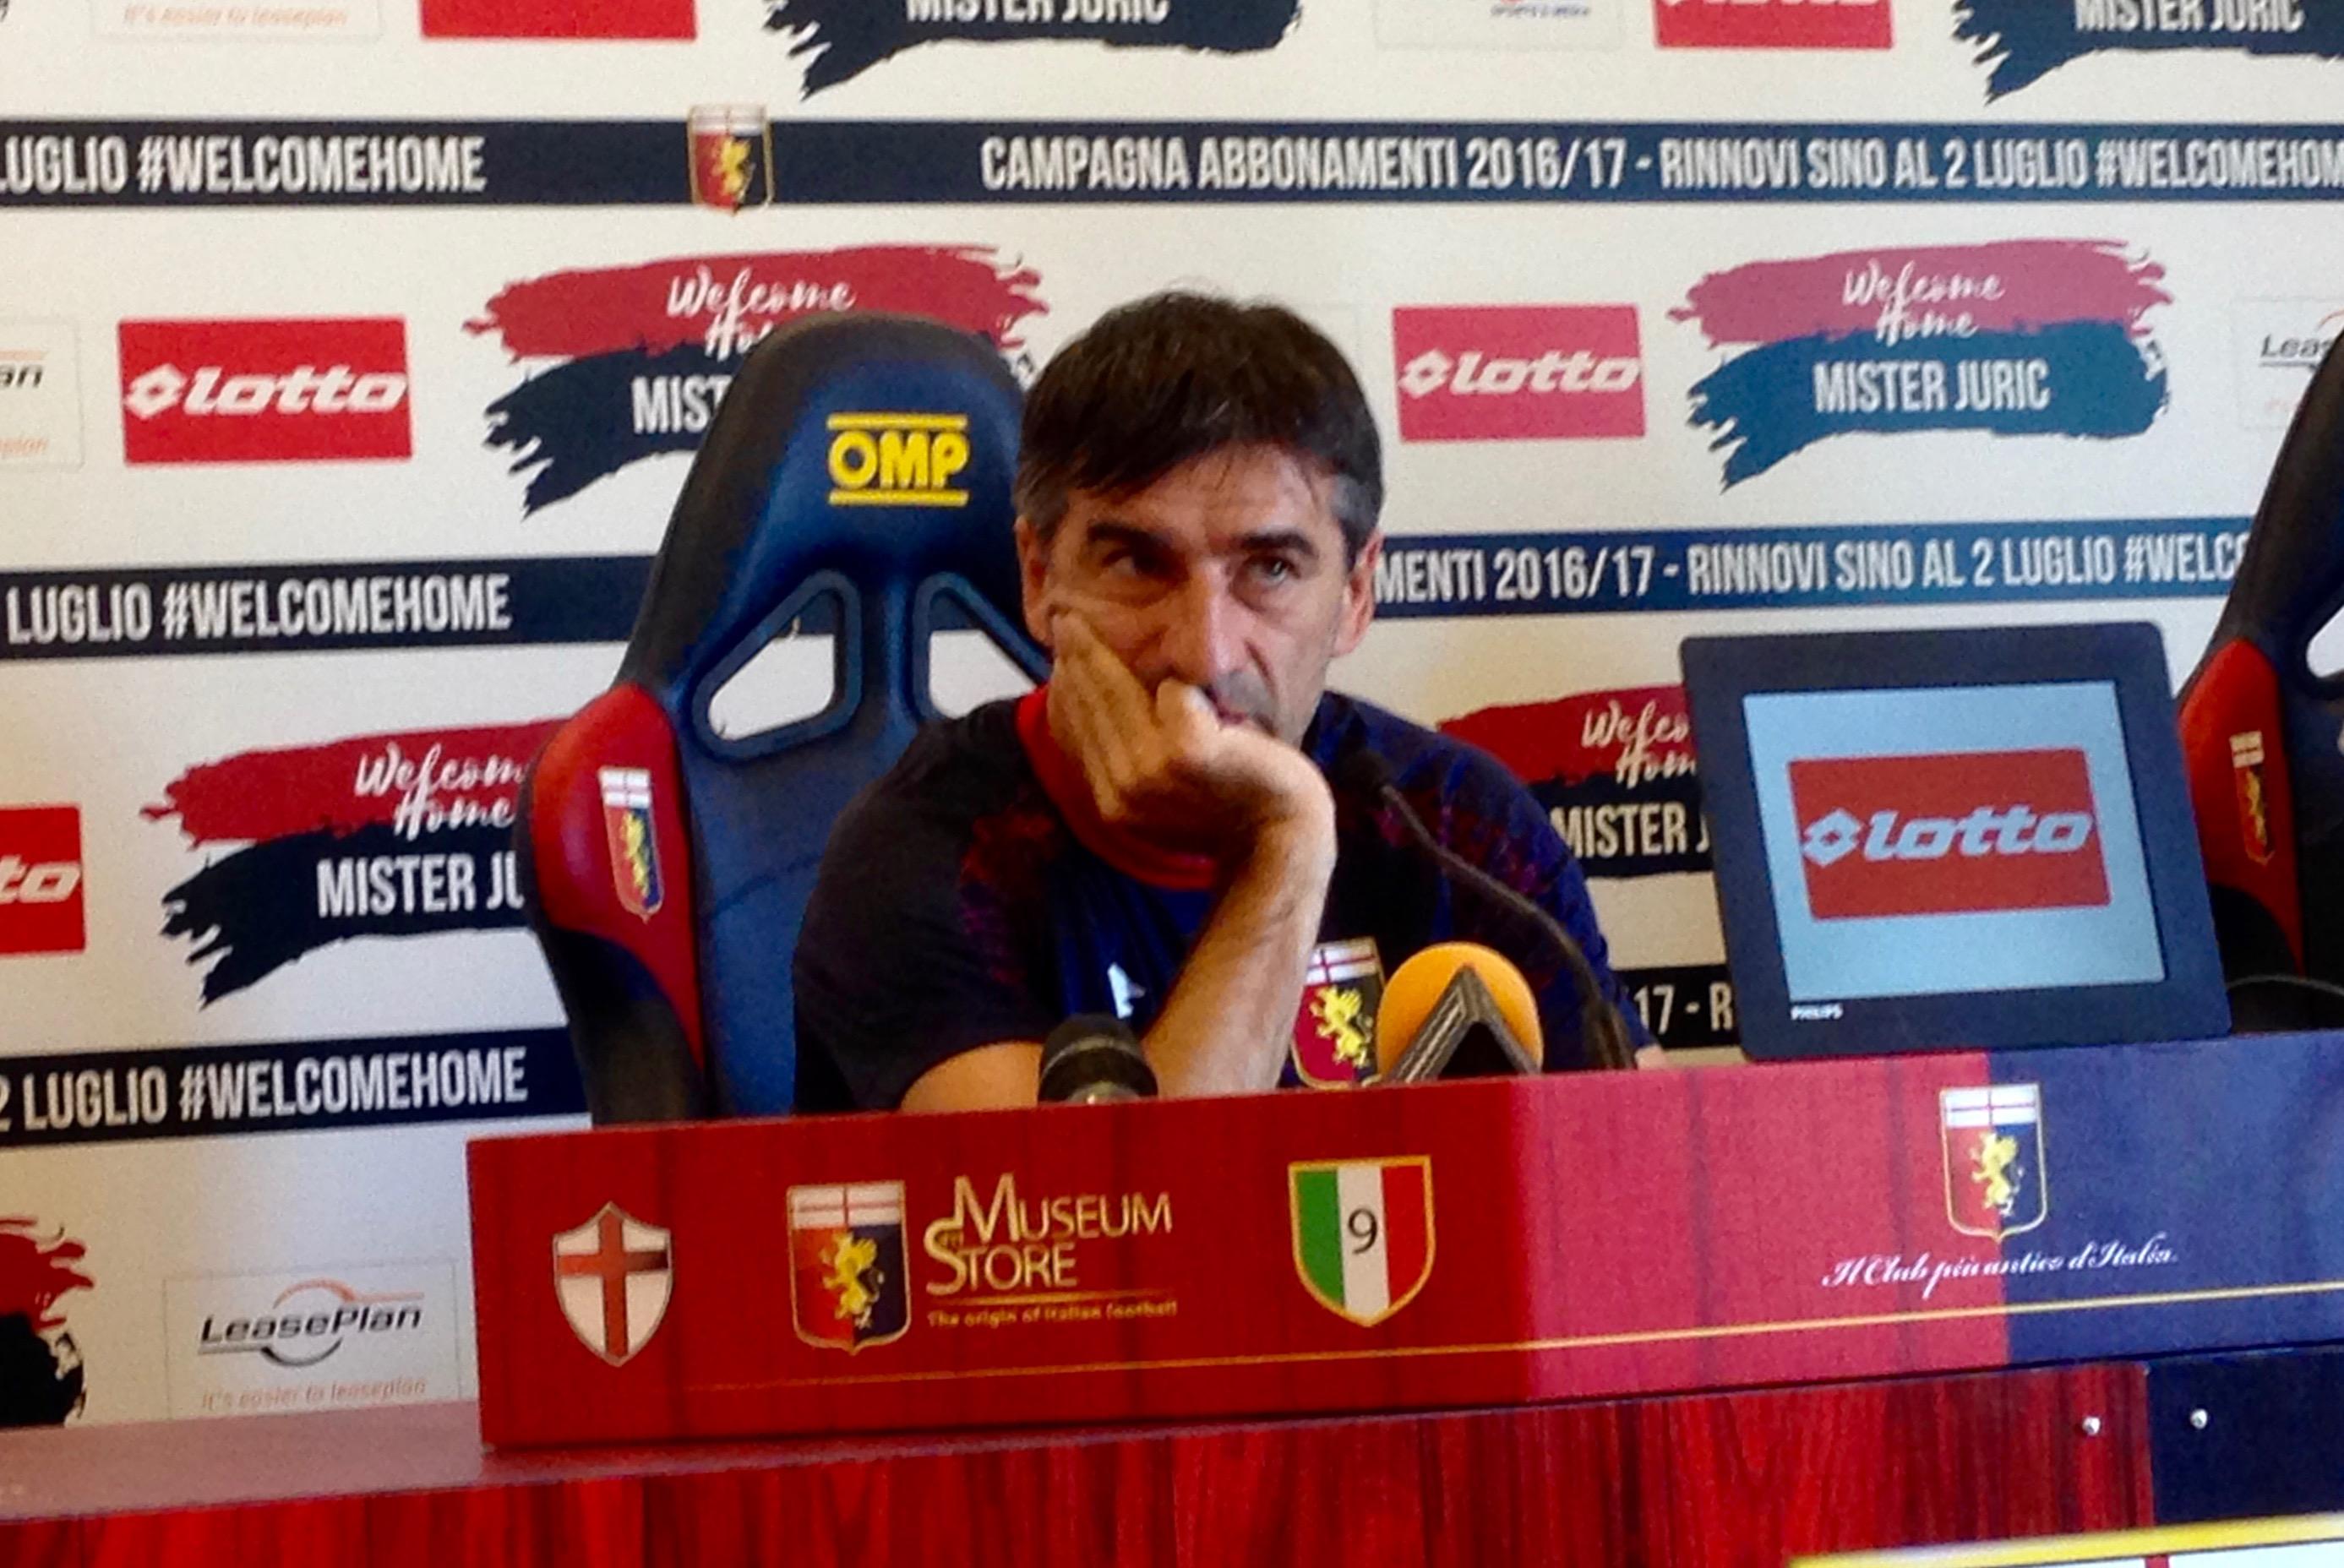 Probabili formazioni Genoa-Milan: Pavoletti in panchina, Montella prova il turnover